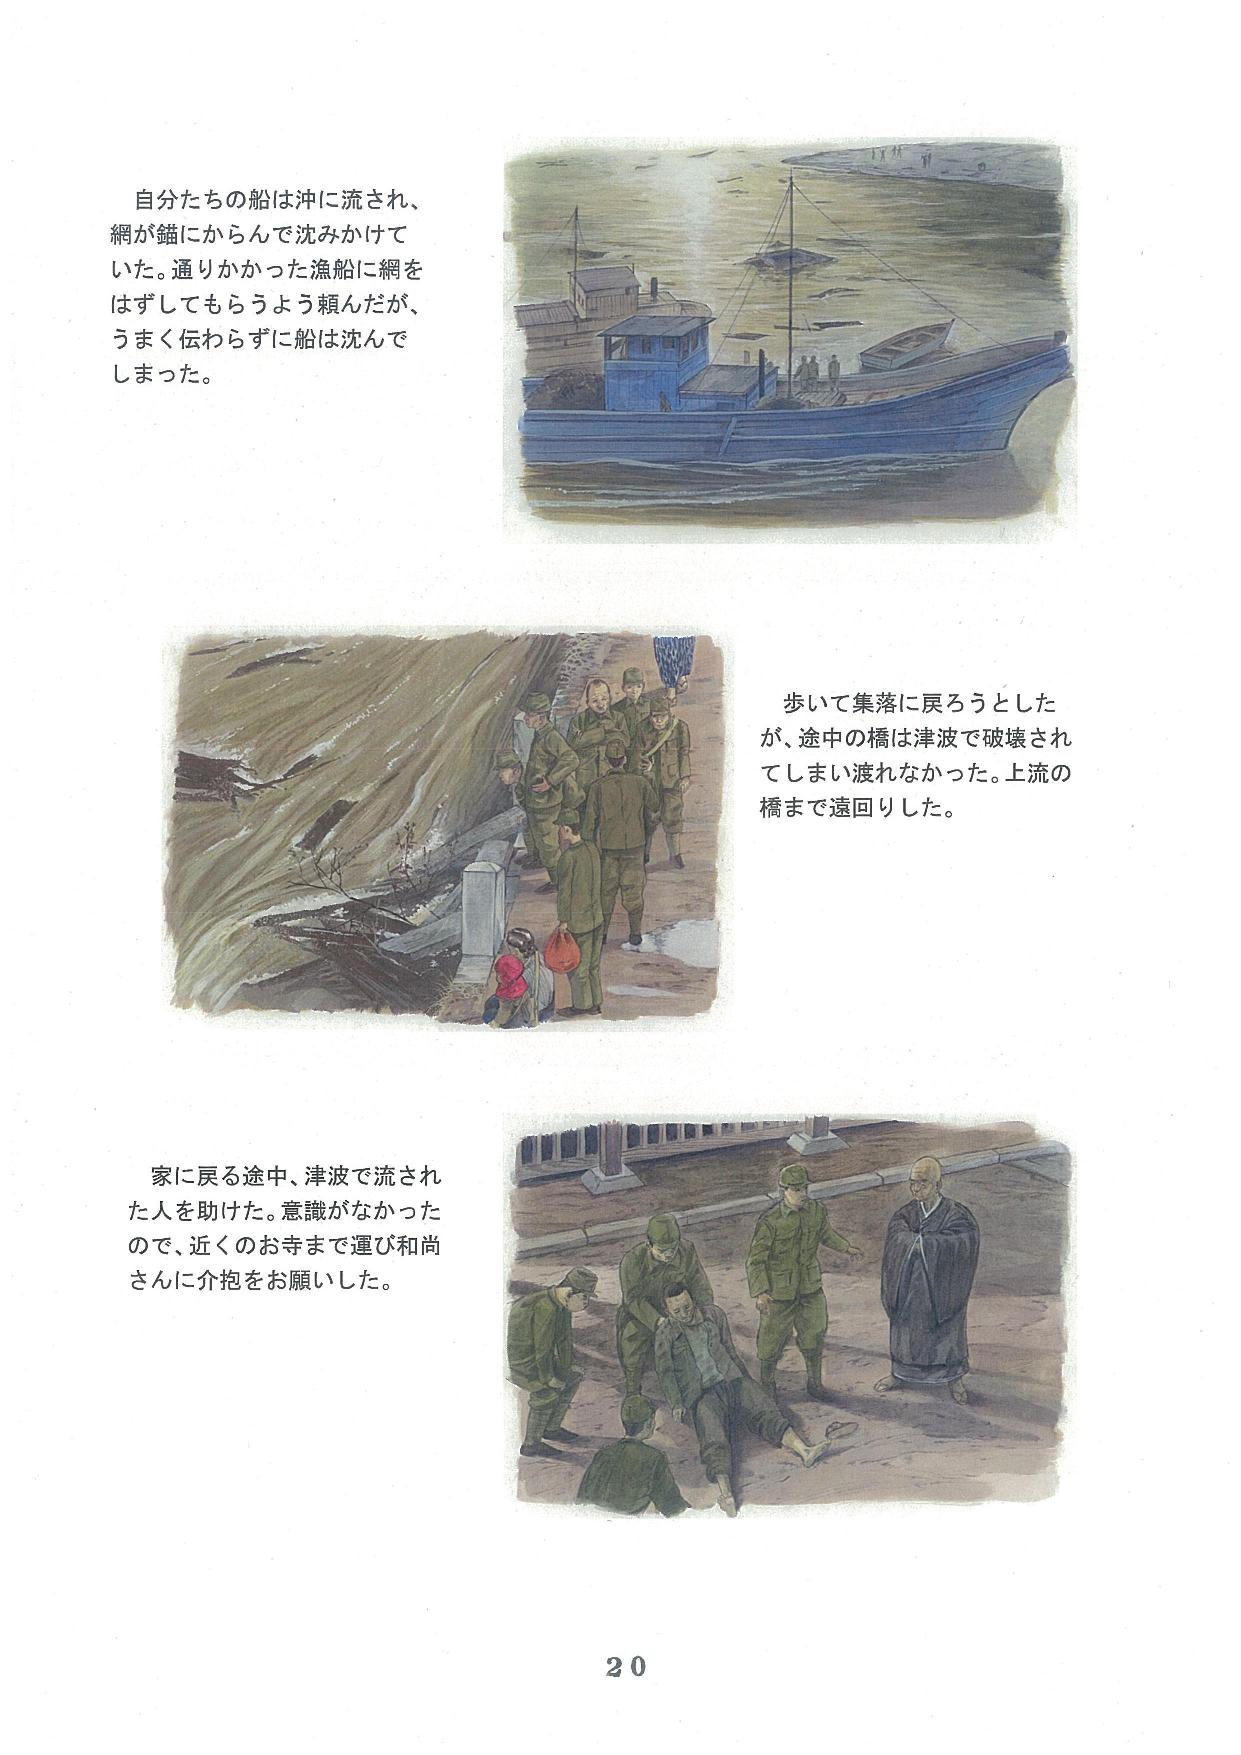 20171208-02_ページ_20